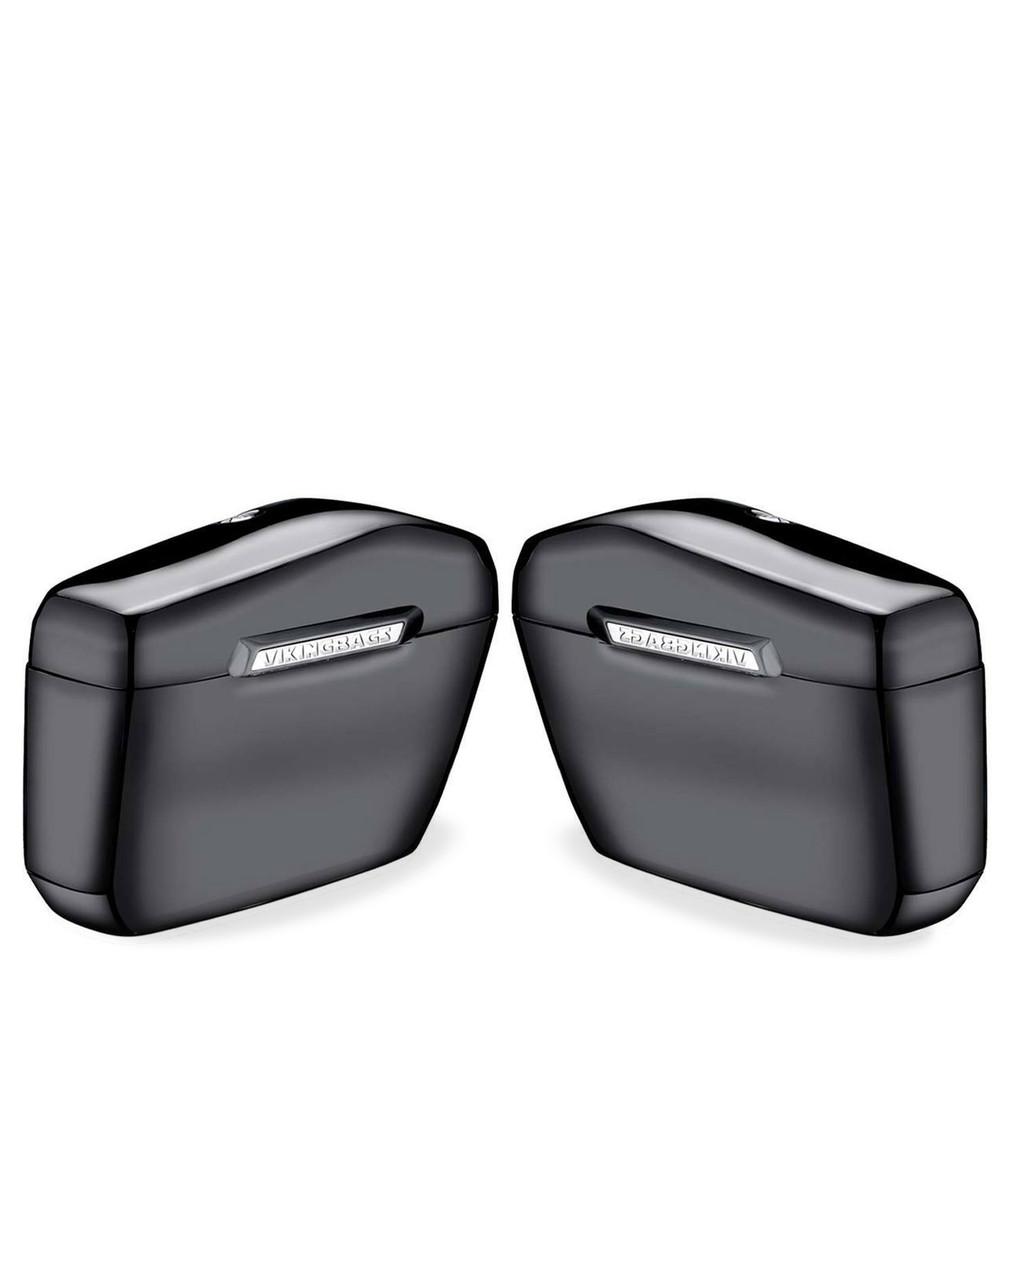 Kawasaki Vulcan S ABS Cafe Viking Lamellar Large Black Hard Saddlebags Both Bags View